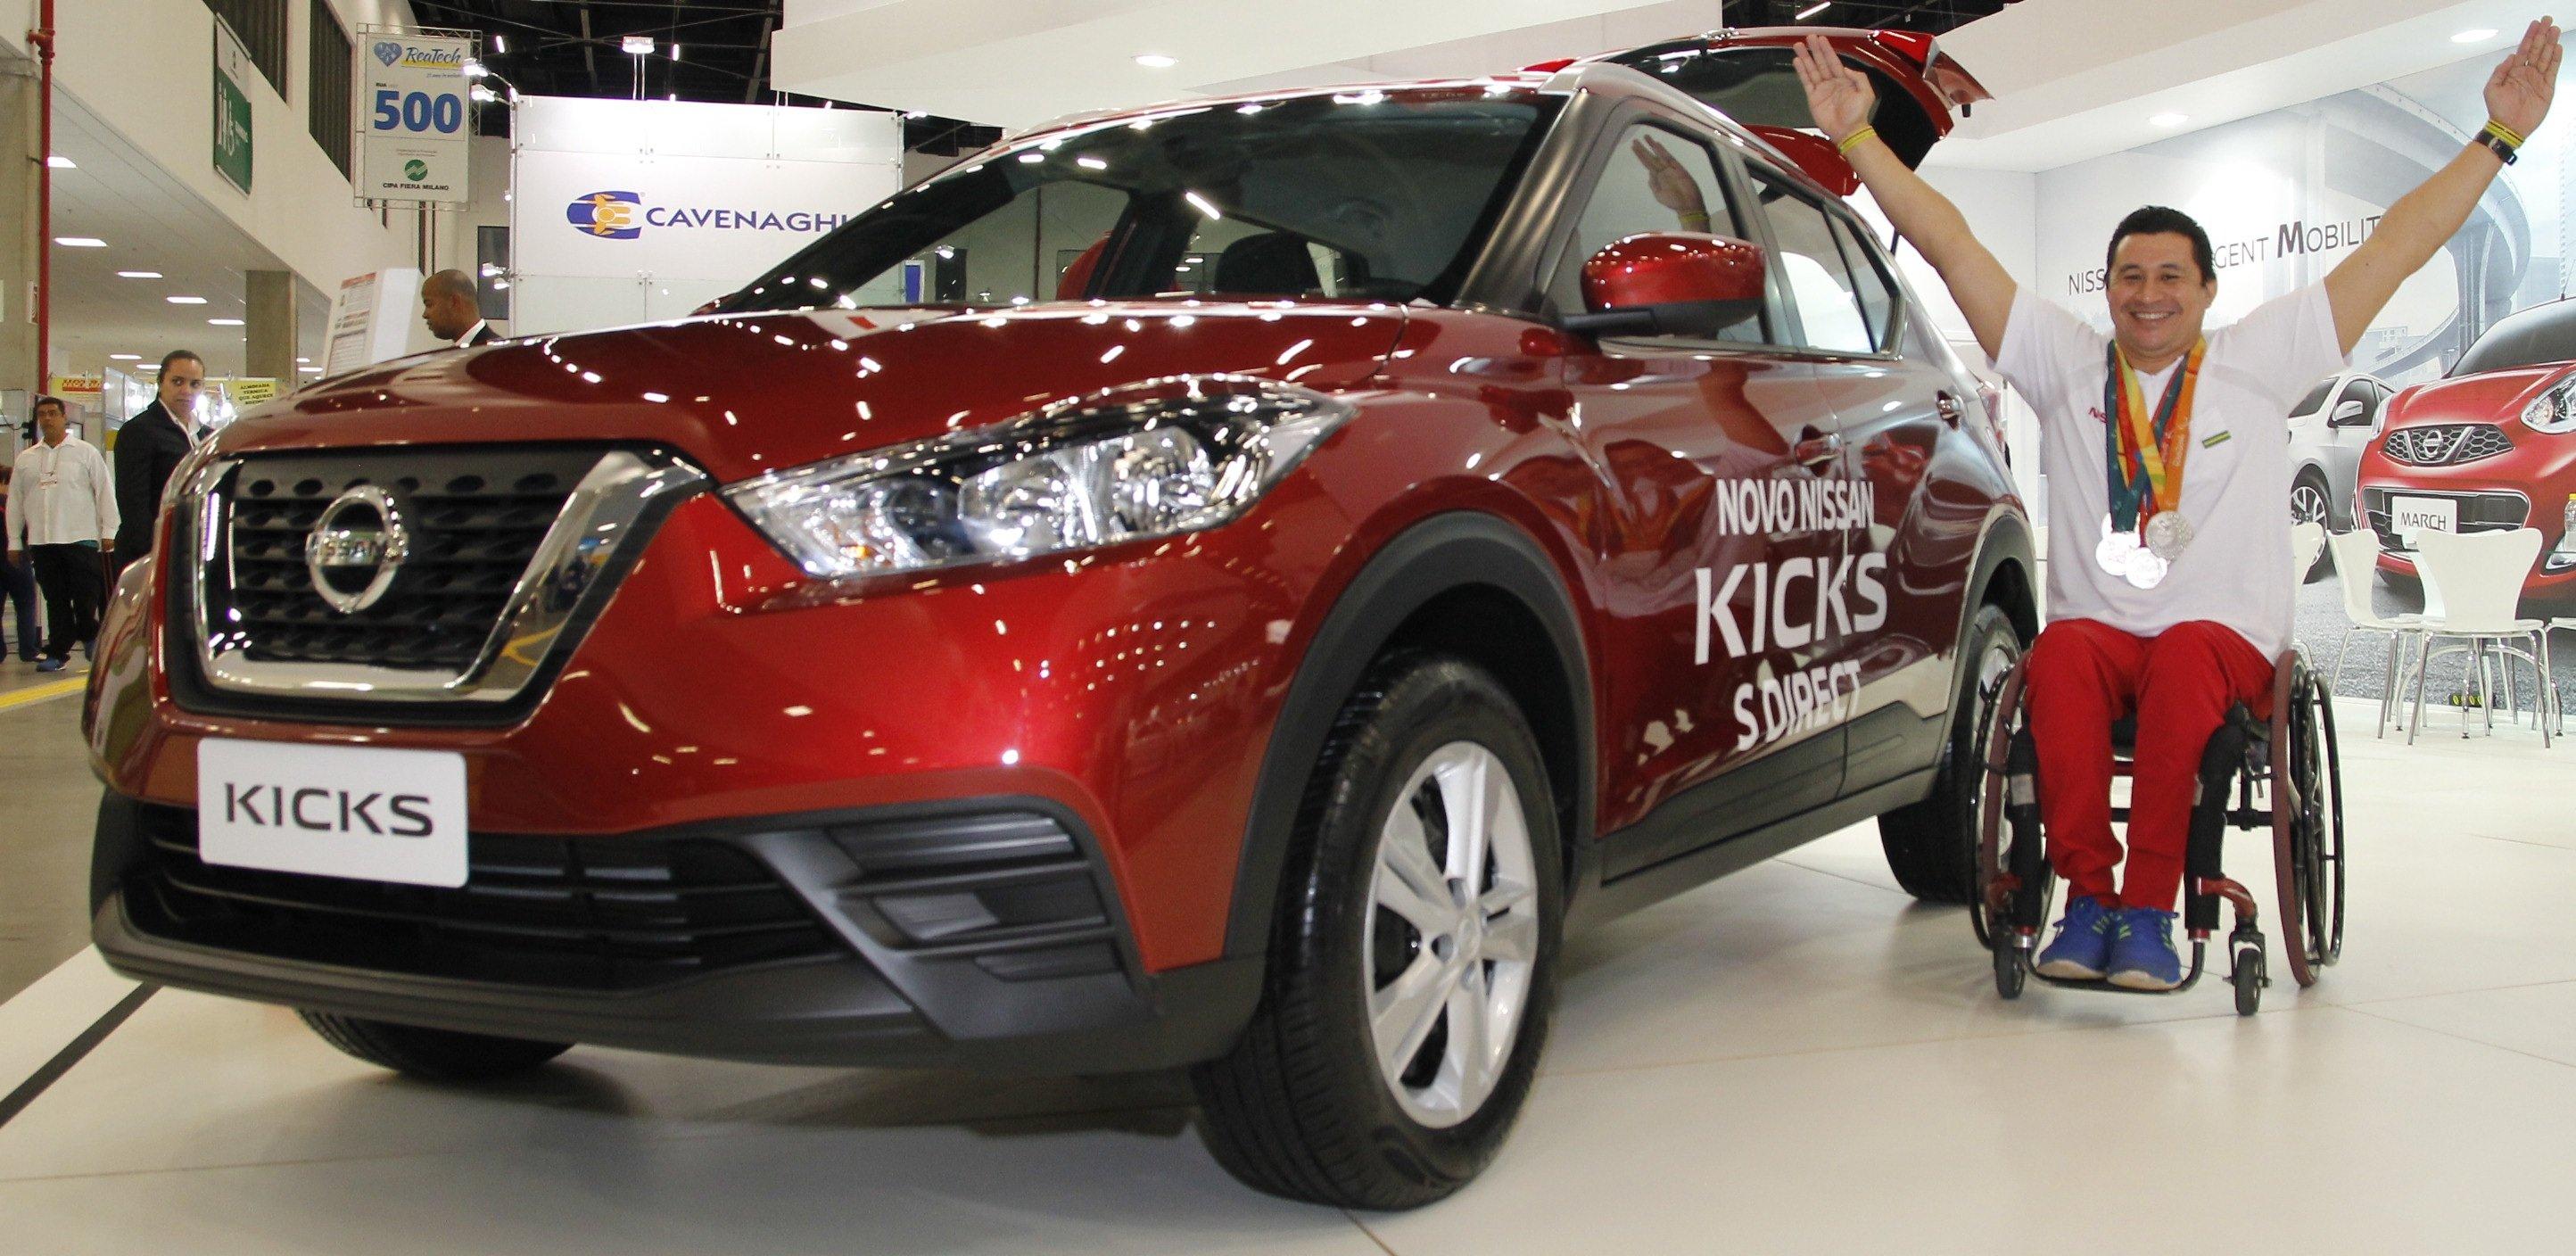 Japan Veículos, líder de vendas para portadores de necessidades especiais, anuncia chegada do Nissan Kicks S CVT 2018